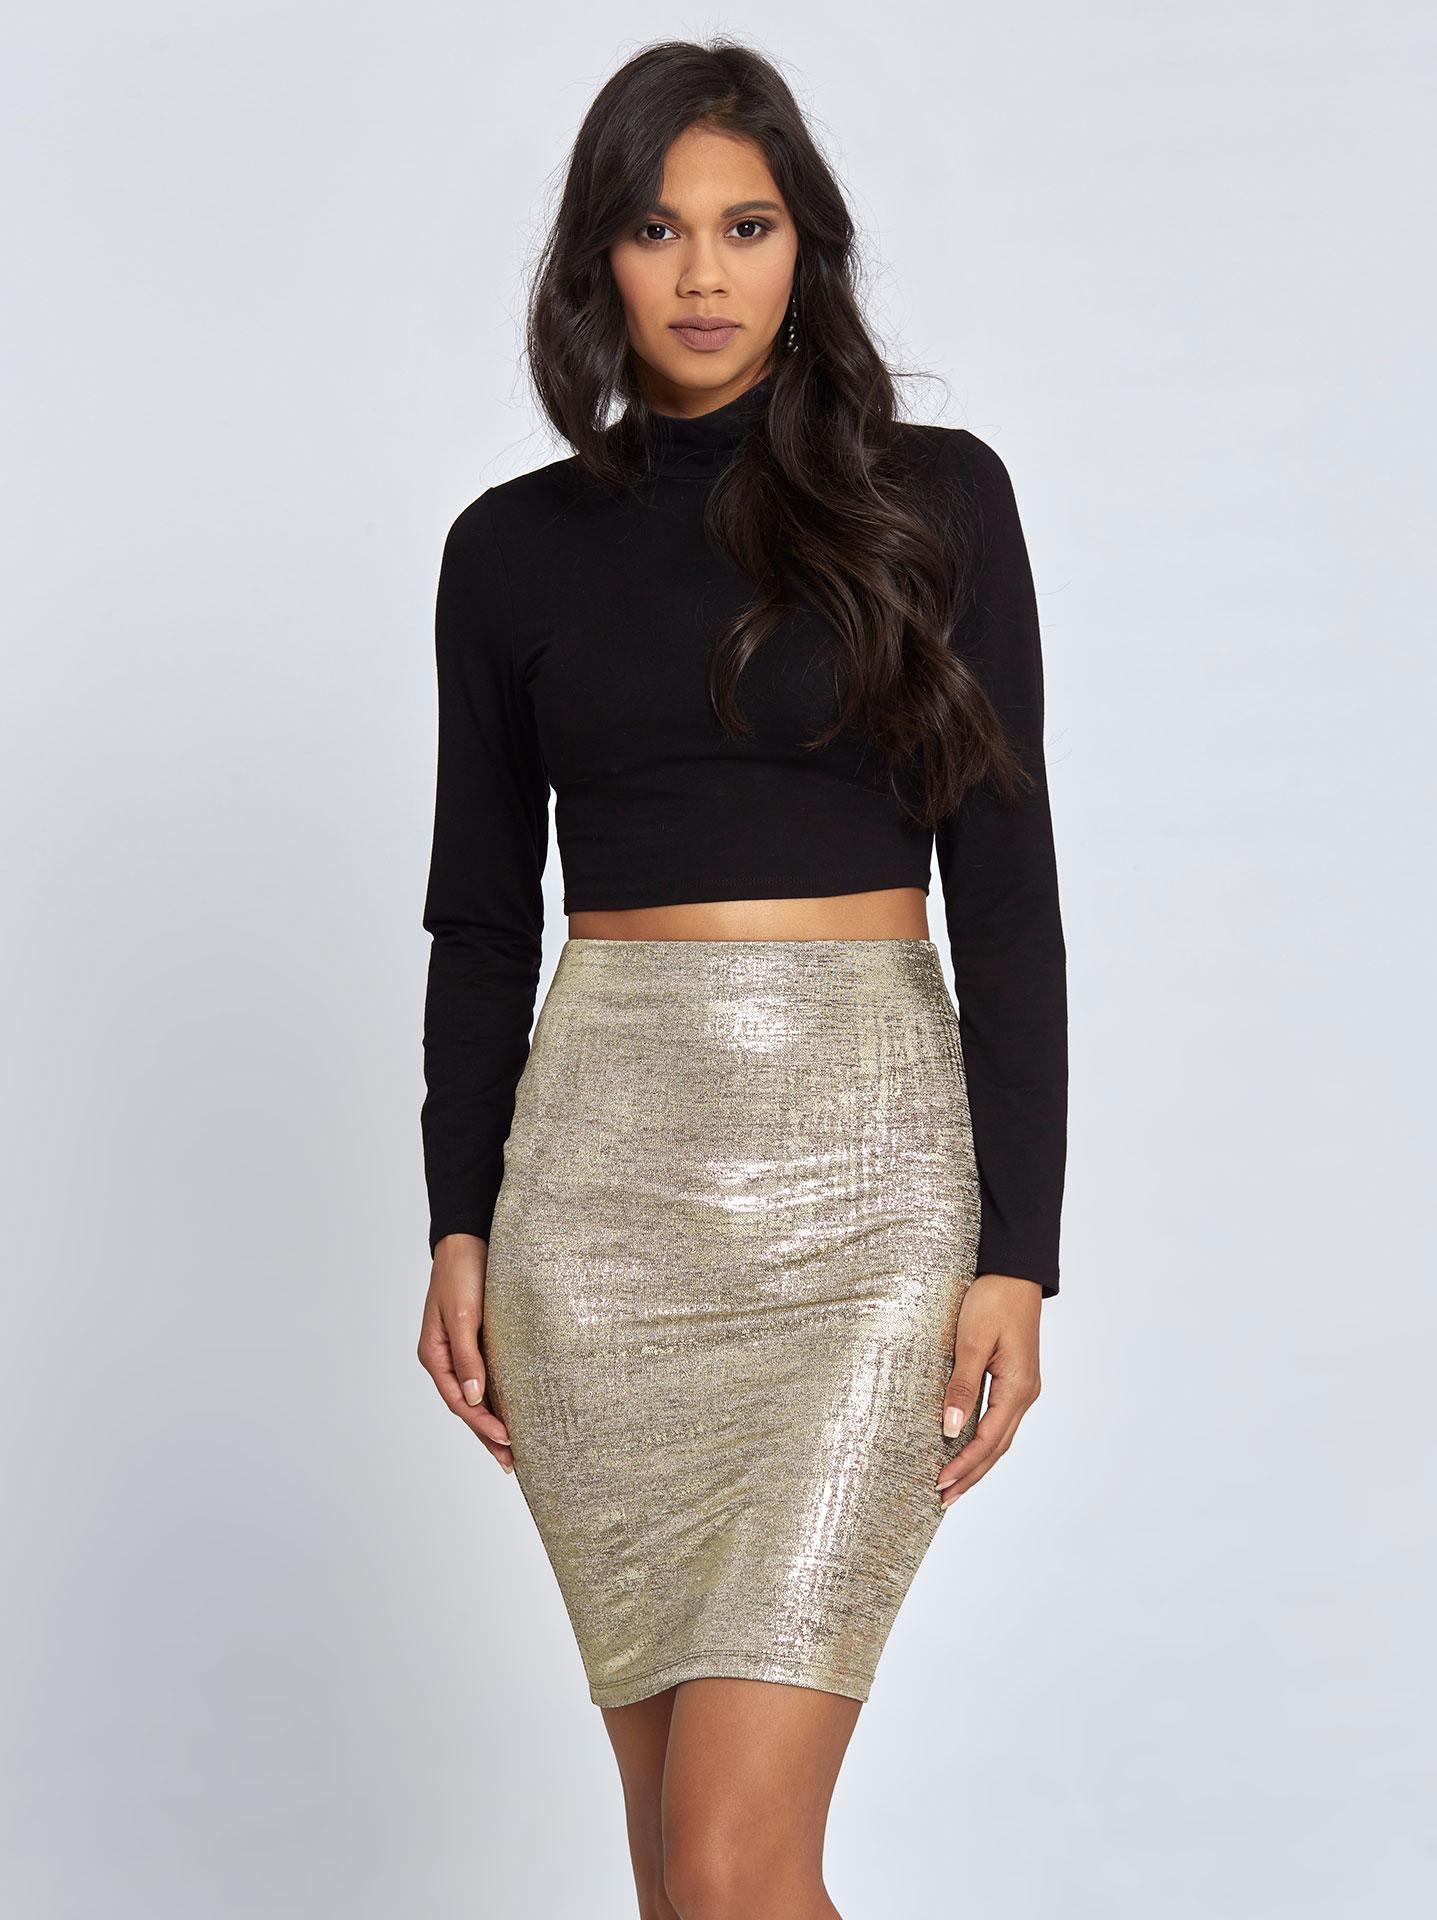 Μίνι φούστα μεταλλιζέ χρυσαφί σε μαύρο χρώμα 4c319812f18